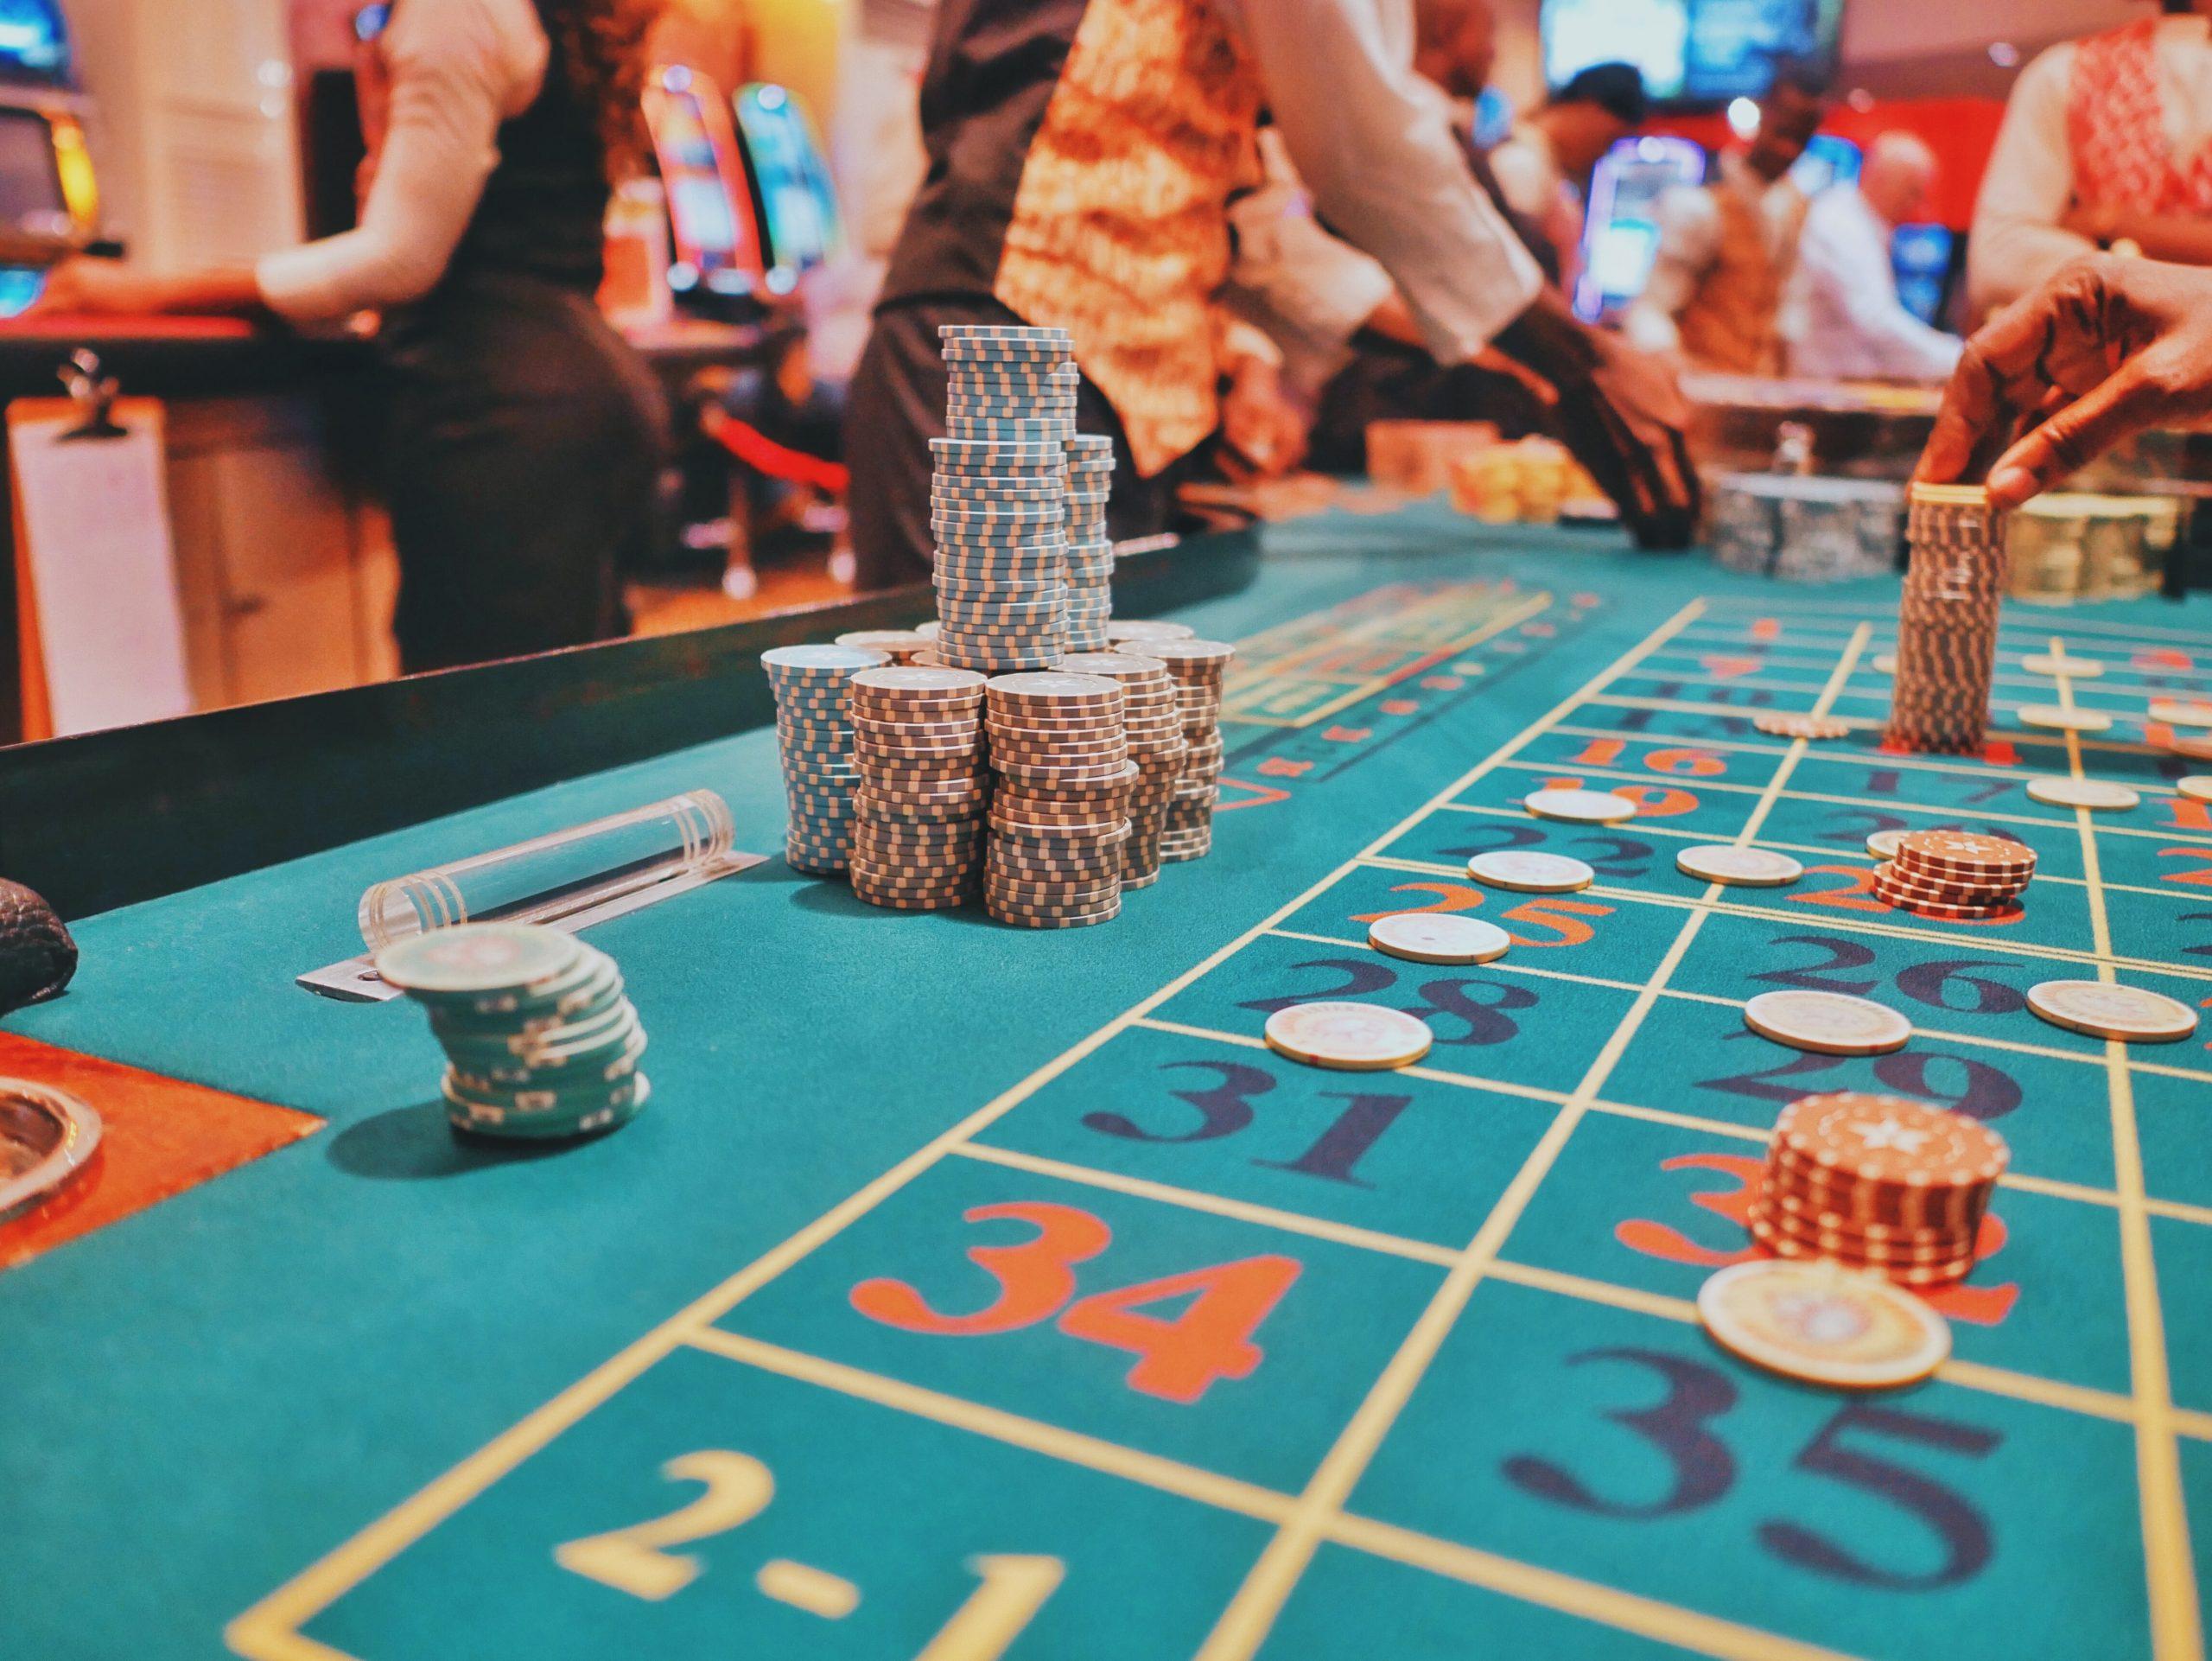 Best Online Casinos Of 2021: Top 5 Real Money Gambling Sites